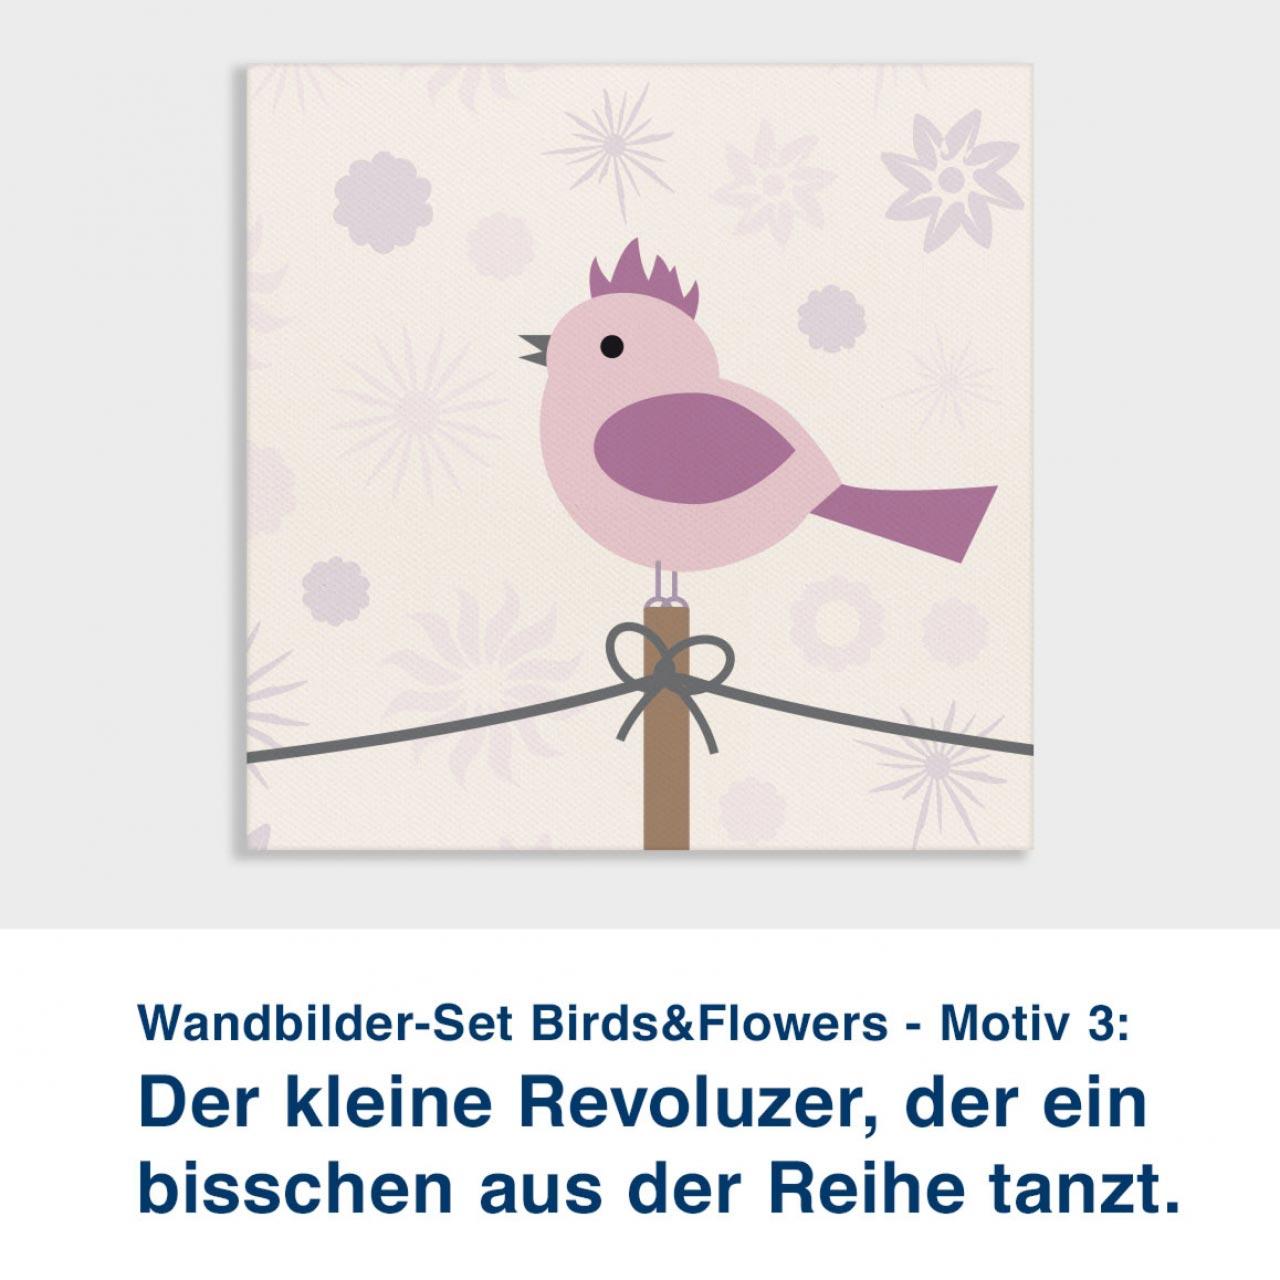 Wandbilder-Set Birds&Flowers - Motiv 3:  Der kleine Revoluzer, der ein  bisschen aus der Reihe tanzt.